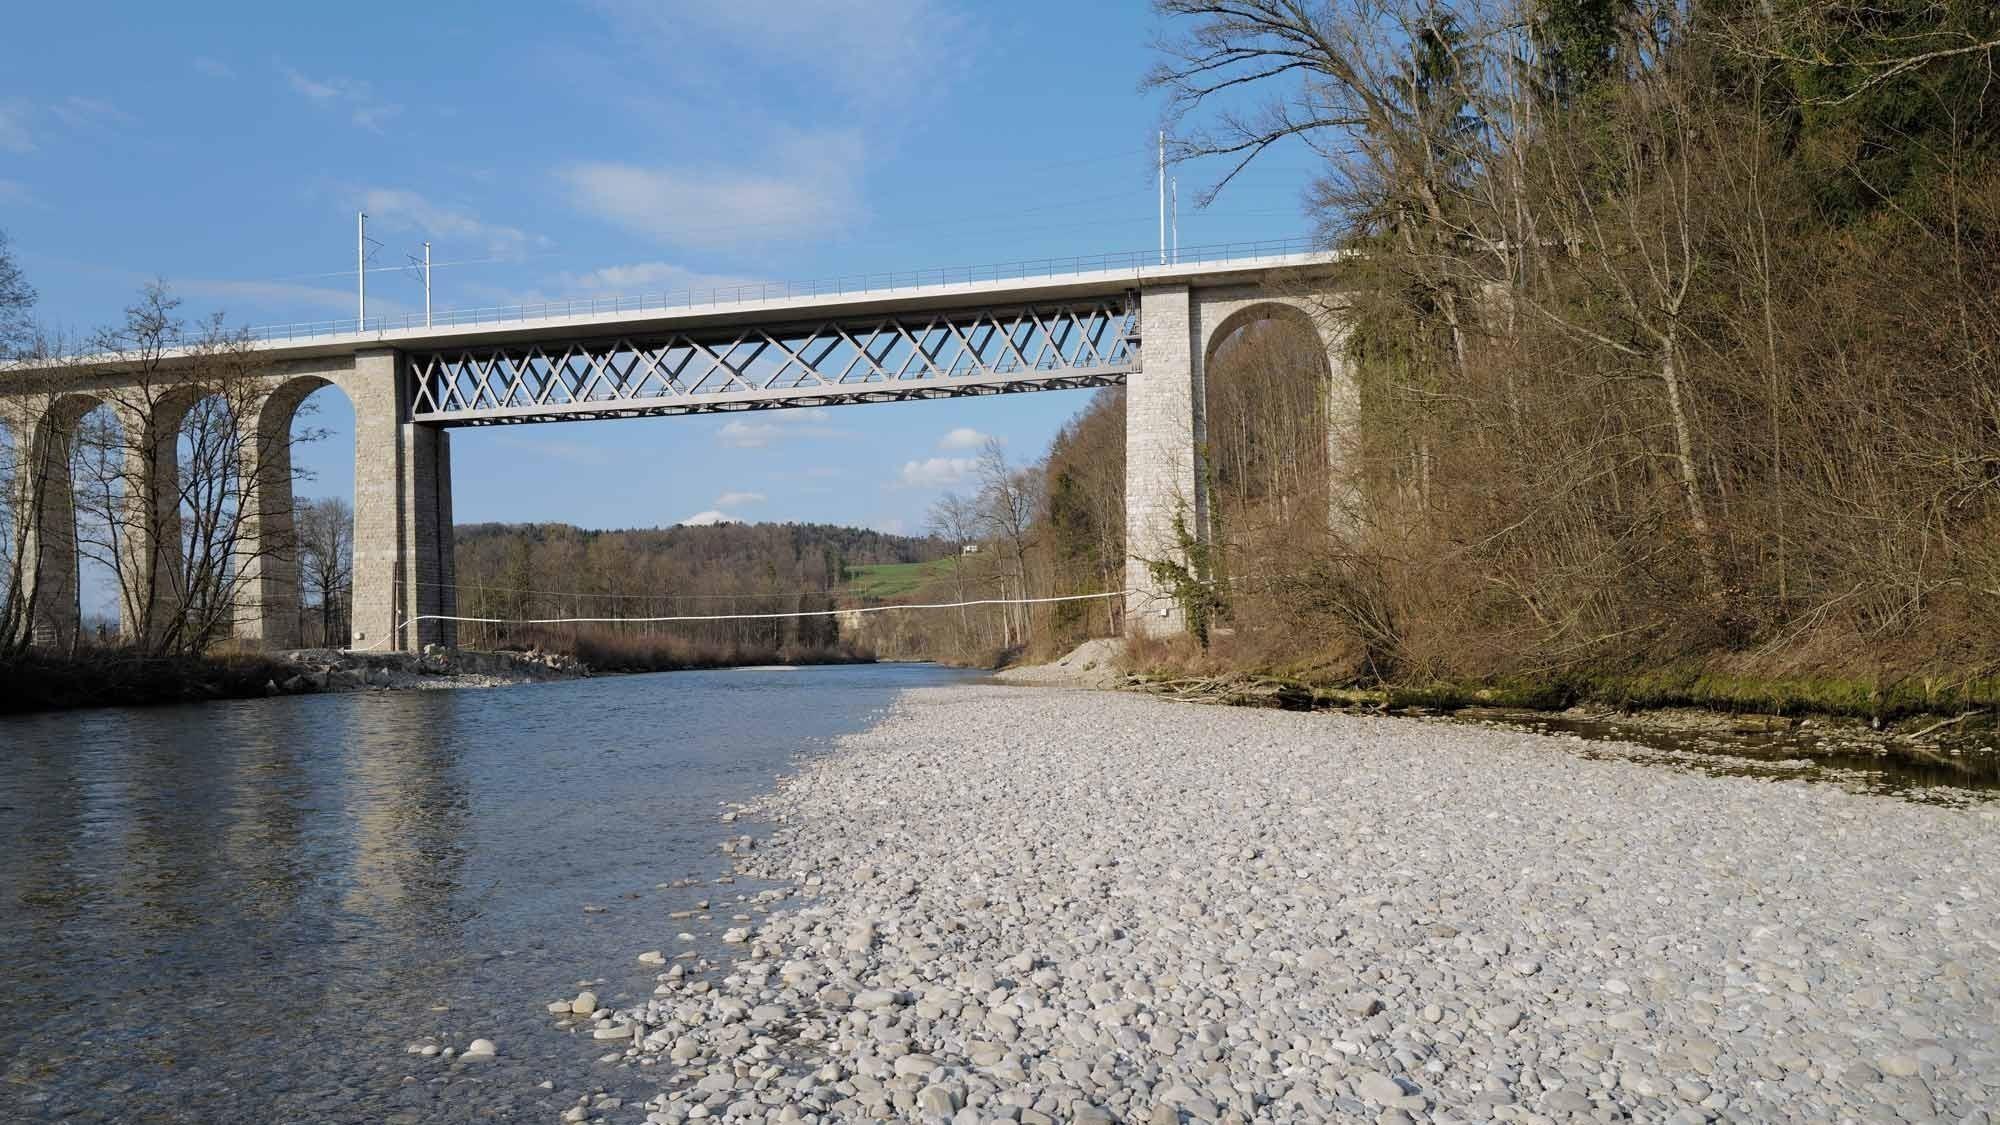 Rénovation du viaduc de la Sarine et doublement de la voie, Mühleberg, Gumine, en quatrième position.